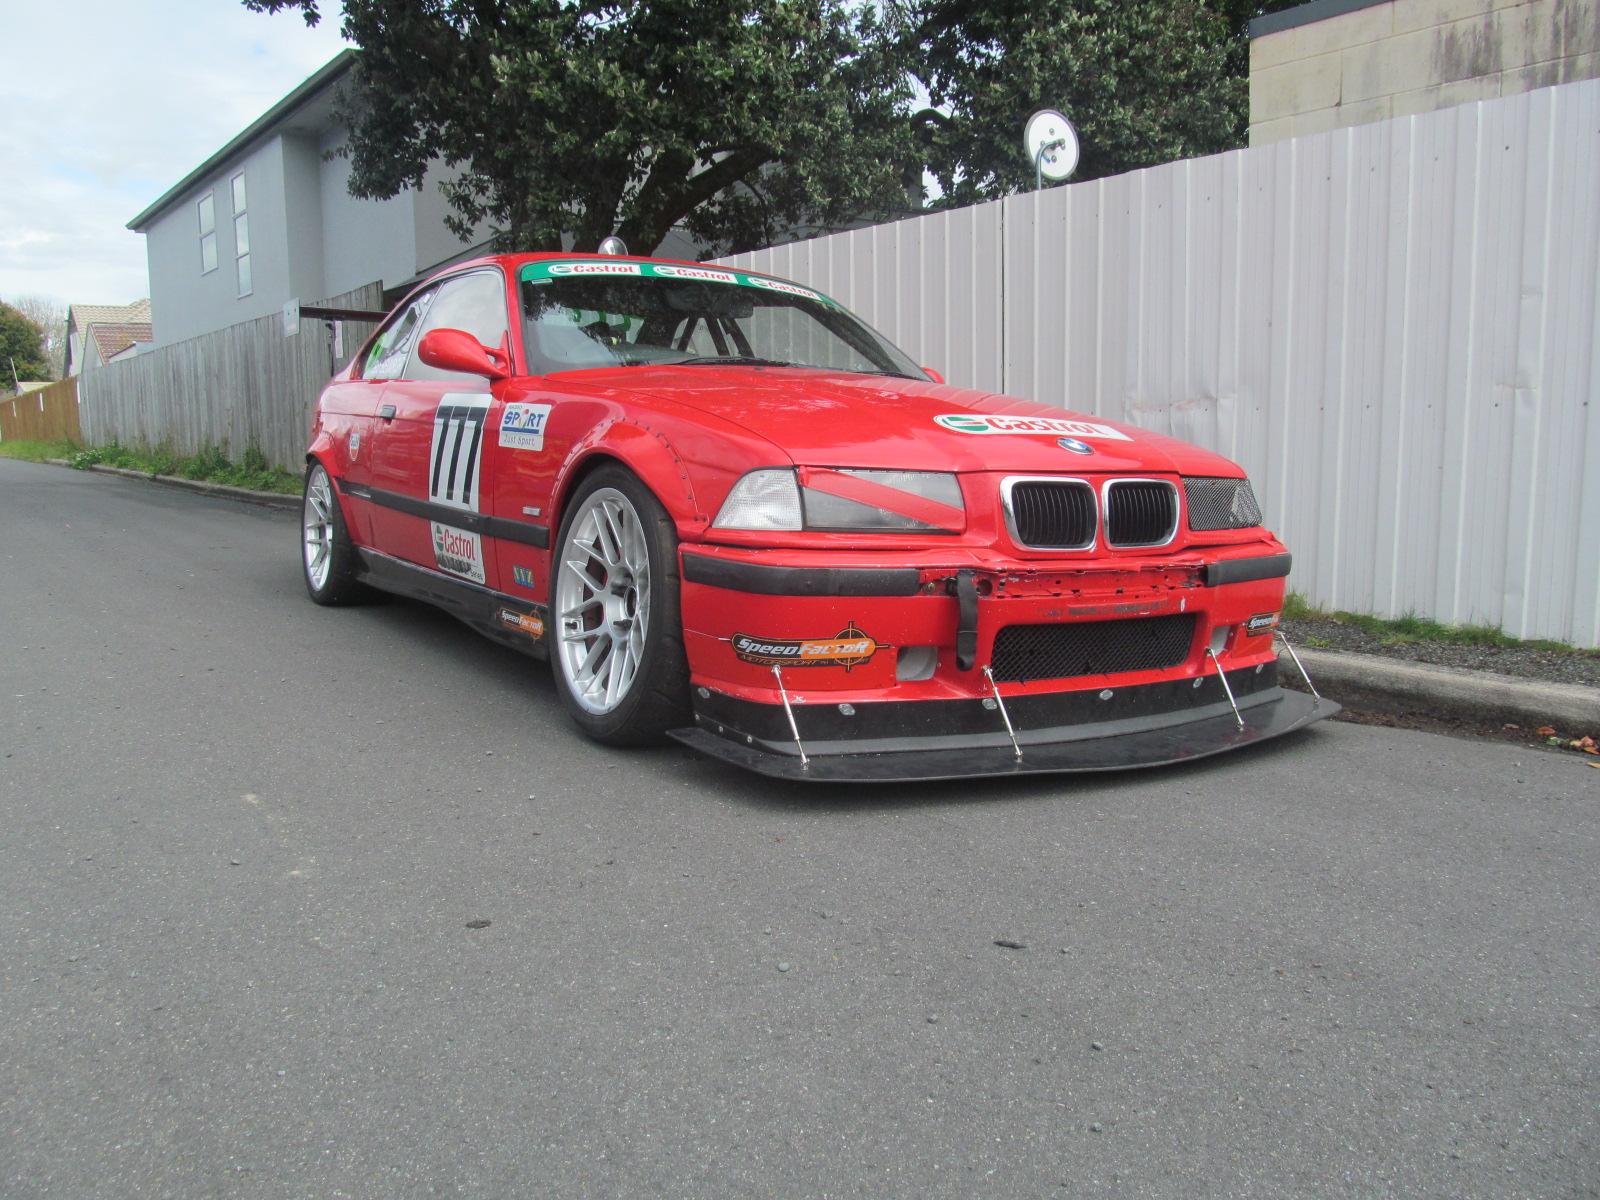 E36 B class racer